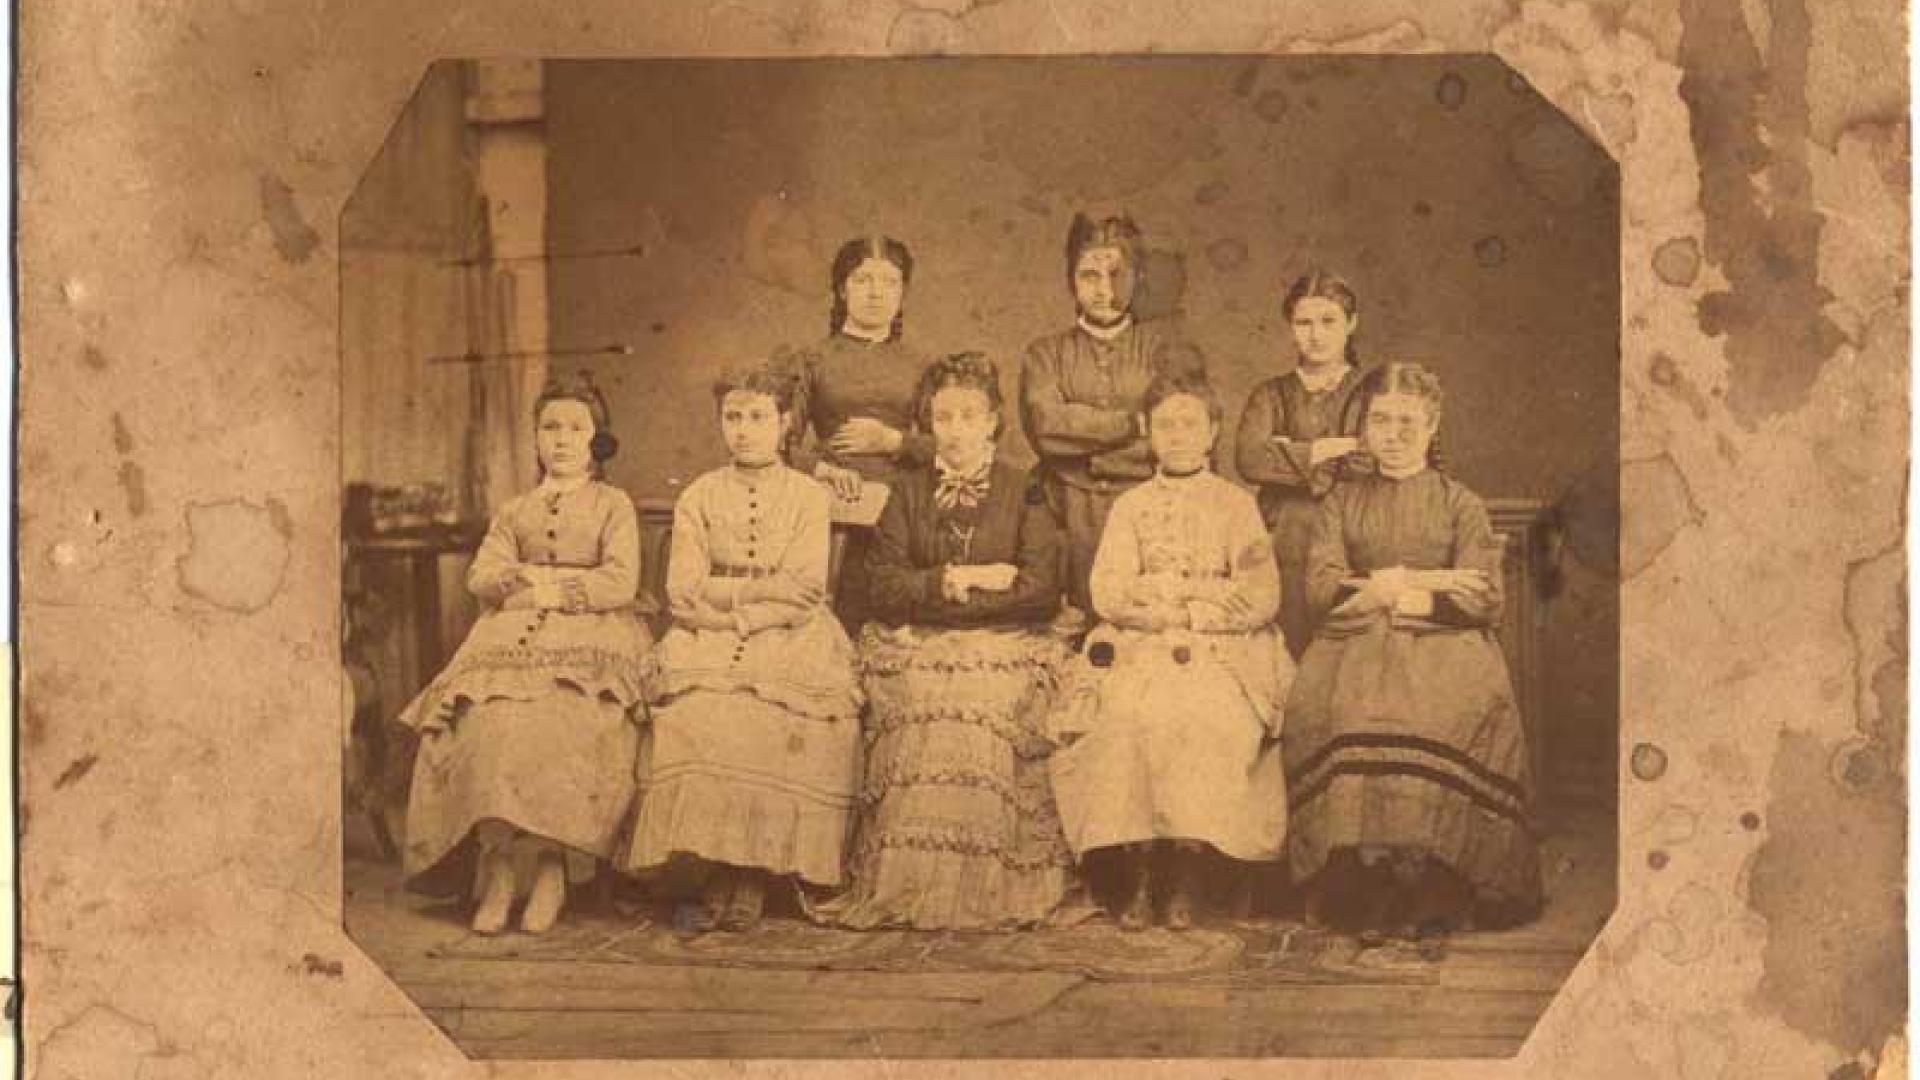 На тази дата Неделя Петкова основава женското дружество Възрождение, с което се постая началото на девическото образование